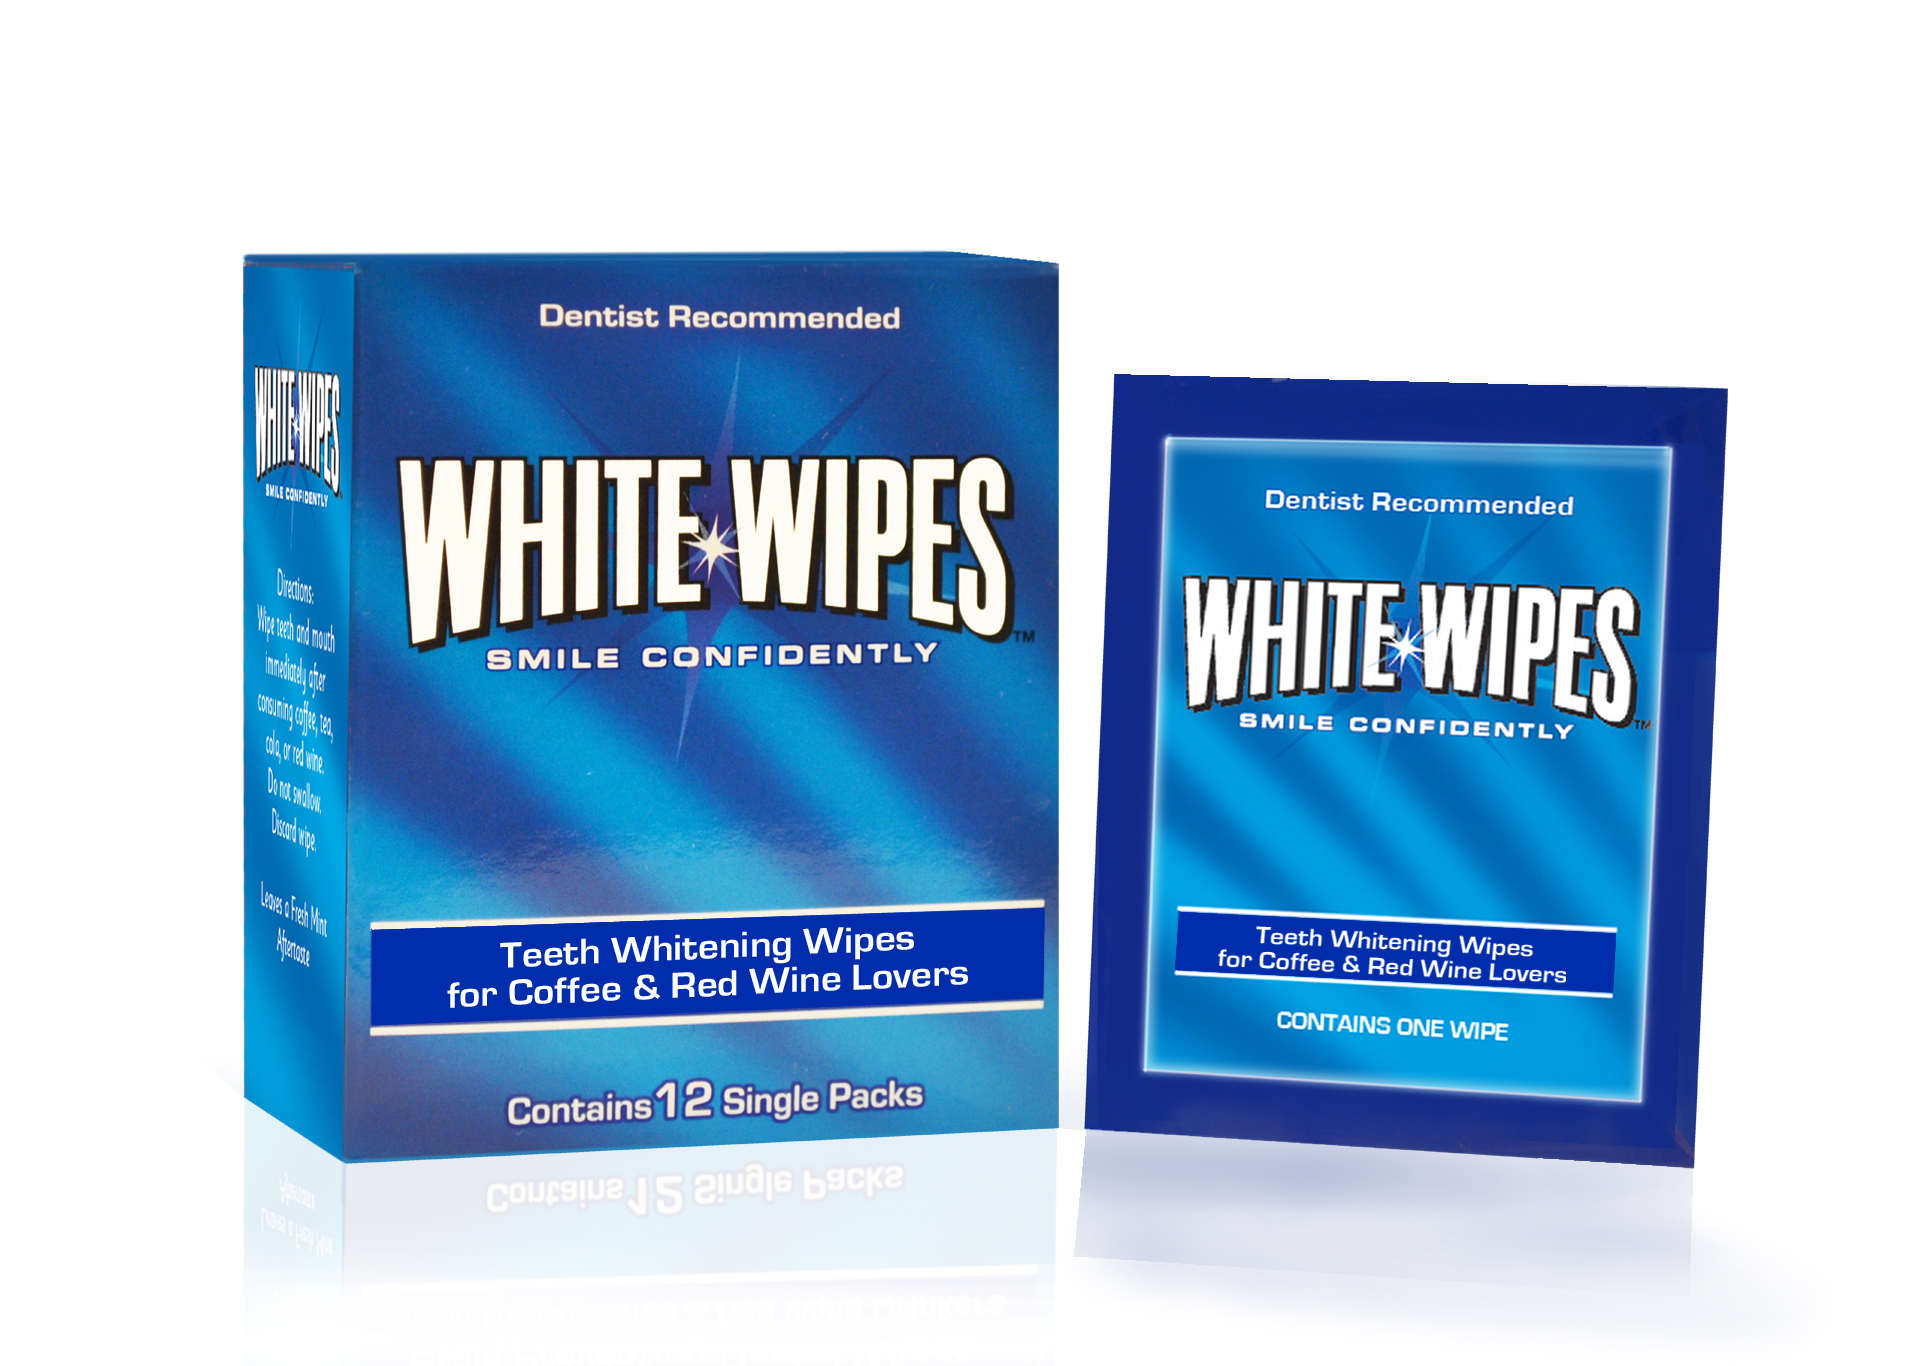 White Wipes Main Photo 1 - 2018 (1).jpg